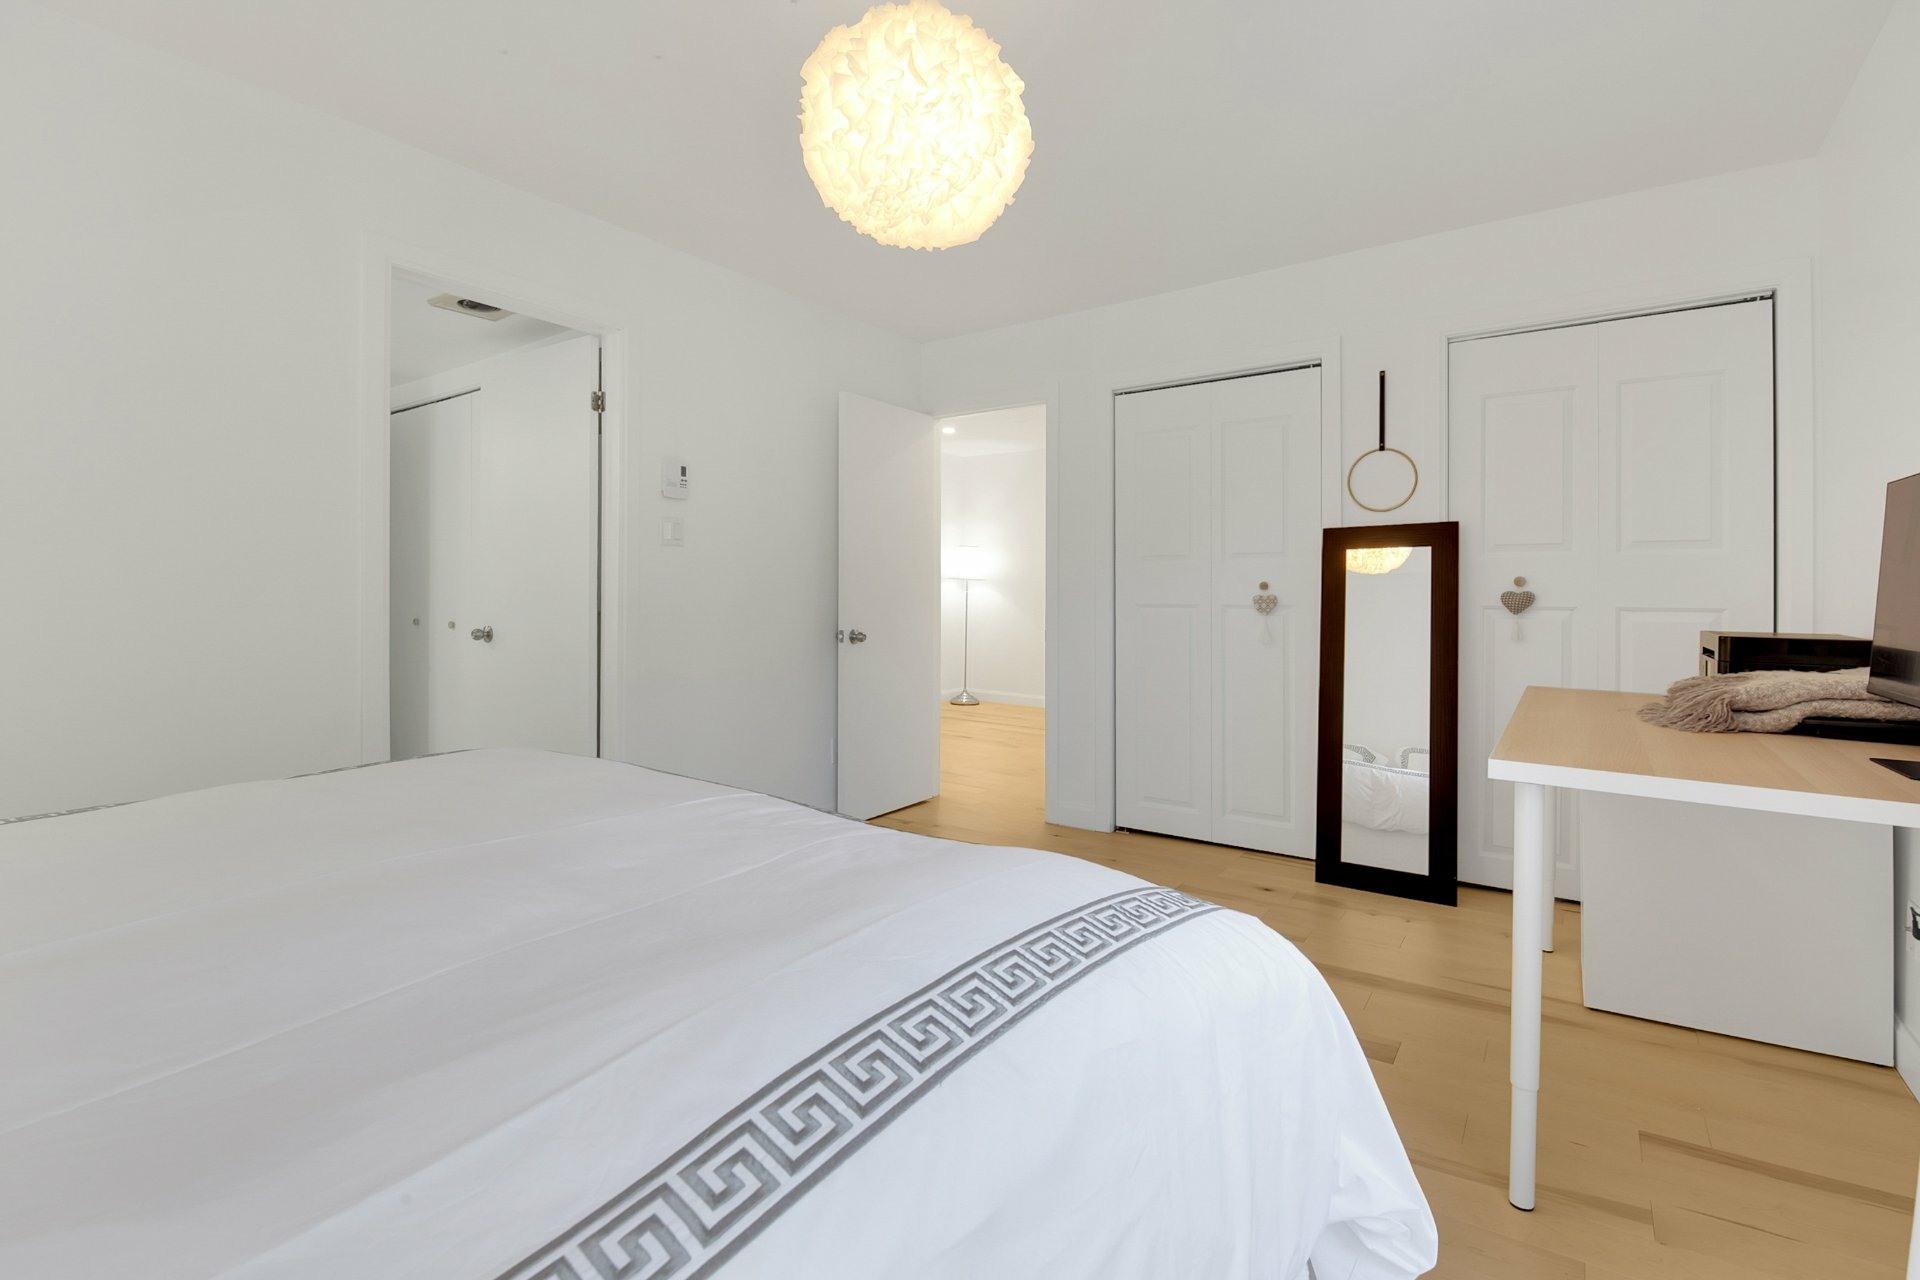 image 11 - Appartement À vendre Verdun/Île-des-Soeurs Montréal  - 7 pièces